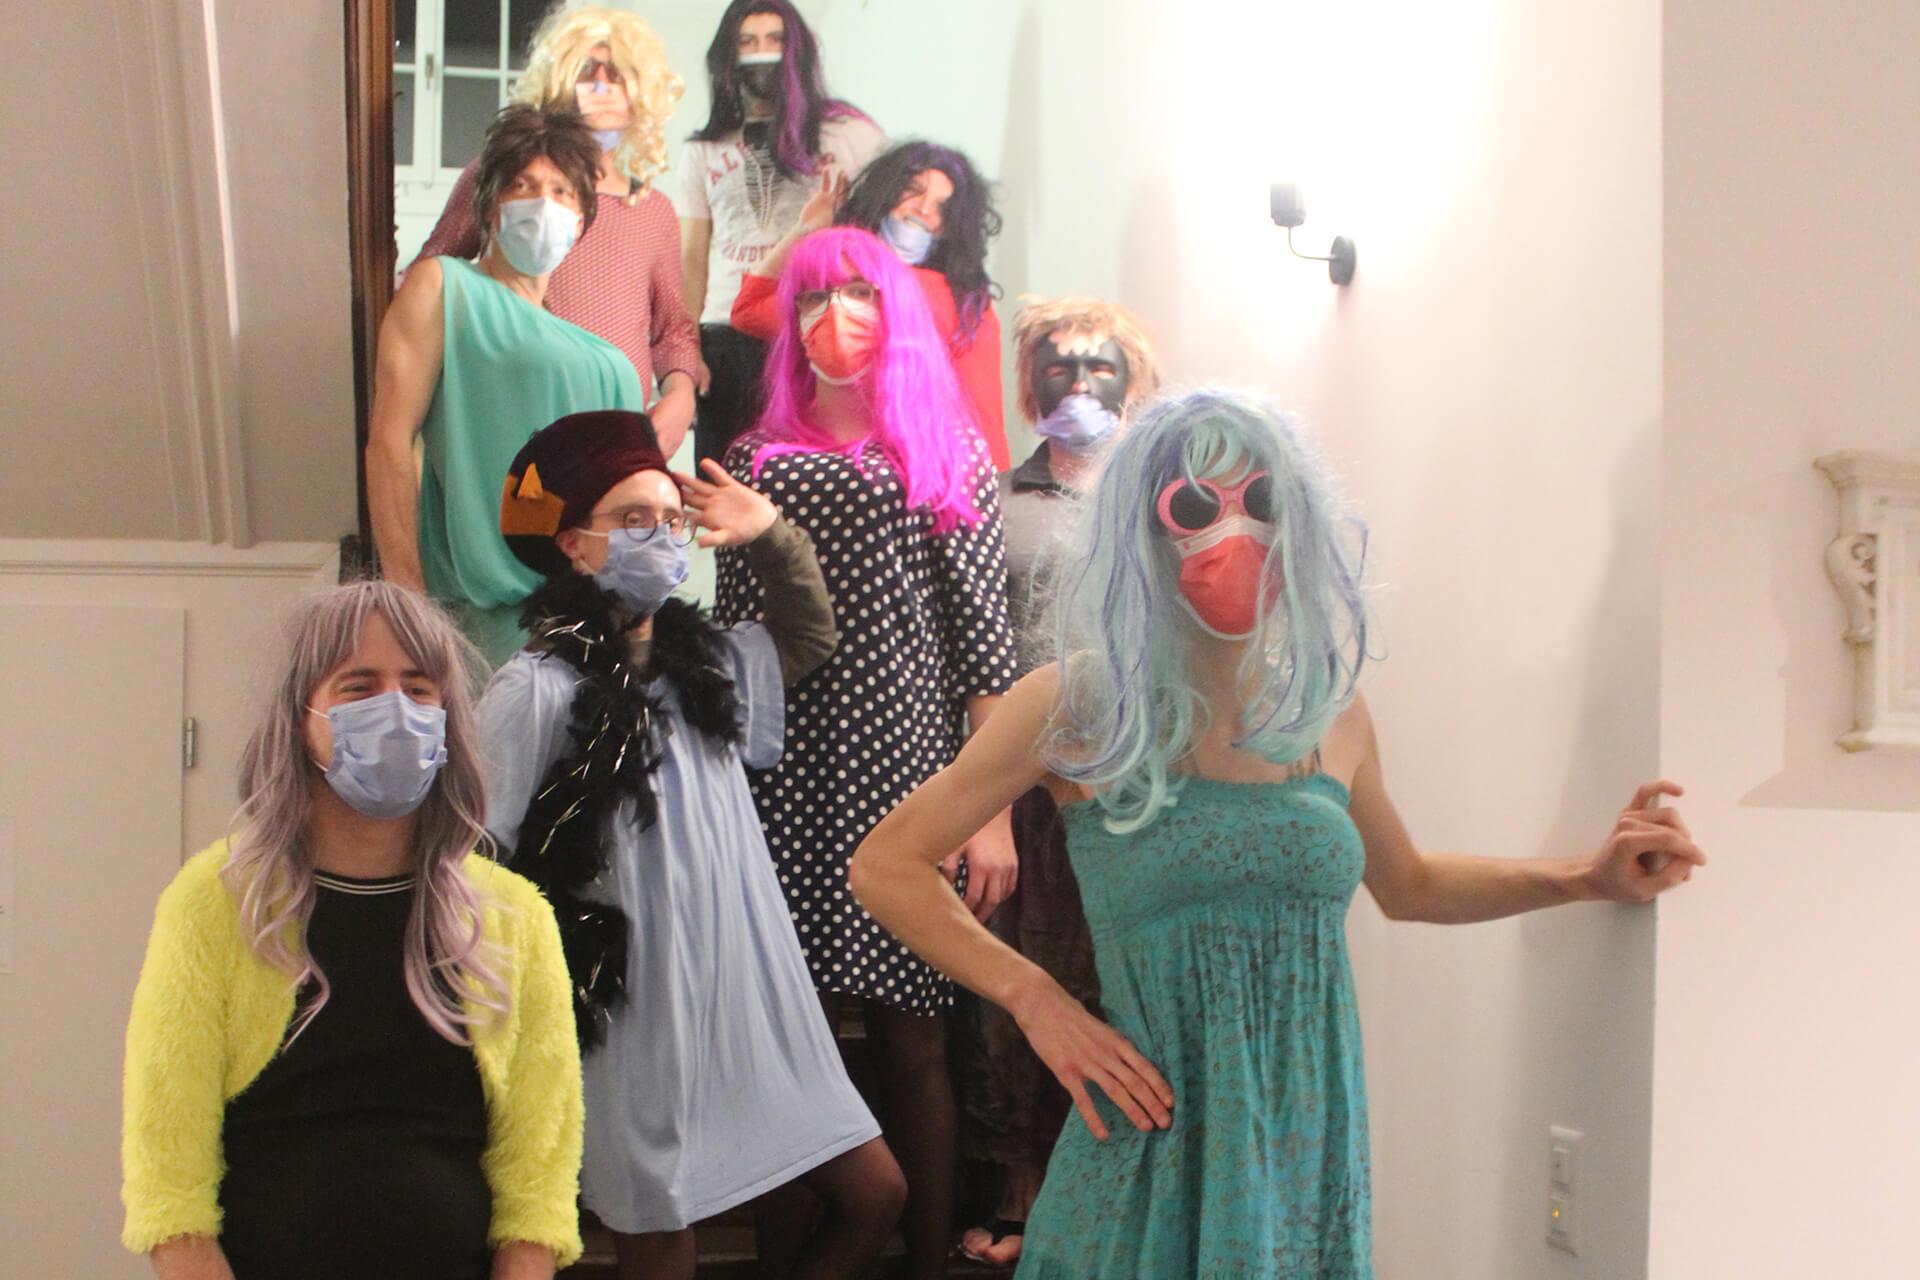 Wohngruppe im Fasnachtskostüm: Alle sind als aufreizende Damen verkleidet im Treppenhaus vom Wohnhaus Mariahalden.